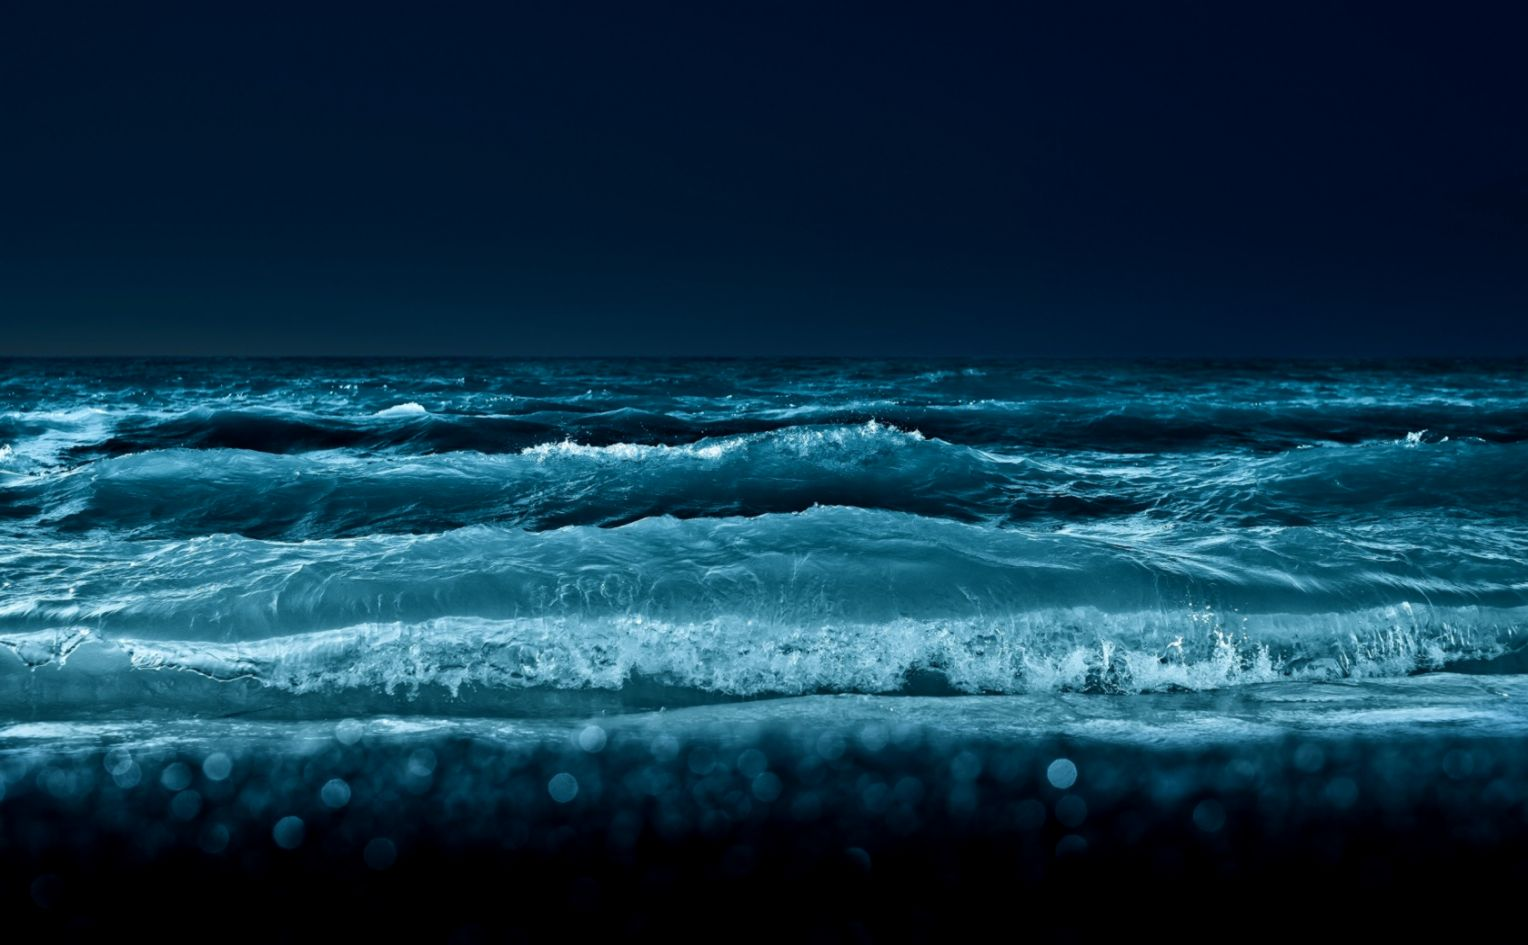 1680x1050 Ocean Waves at Night Wallpaper